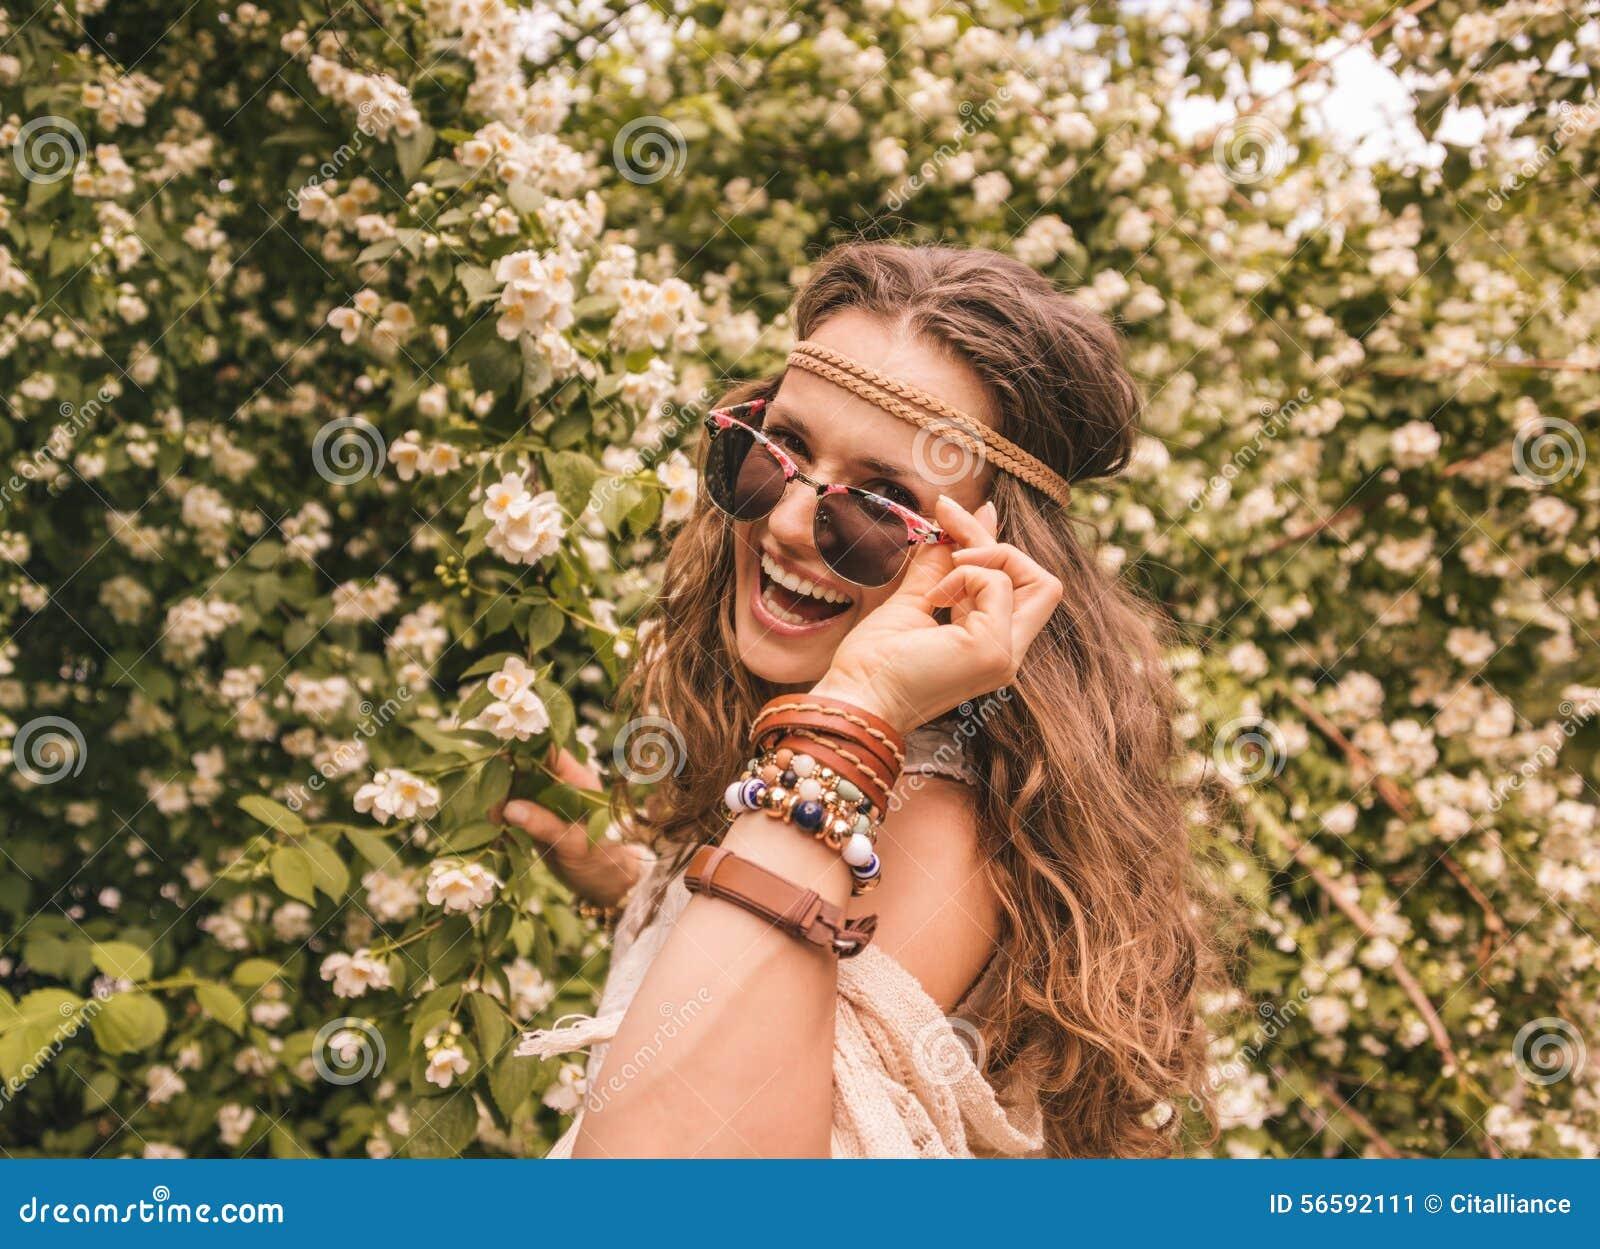 Jeune dame à l air la hippie à cheveux longs dans le châle tricoté et le  chemisier blanc se tenant parmi des fleurs c7724bcf9a79